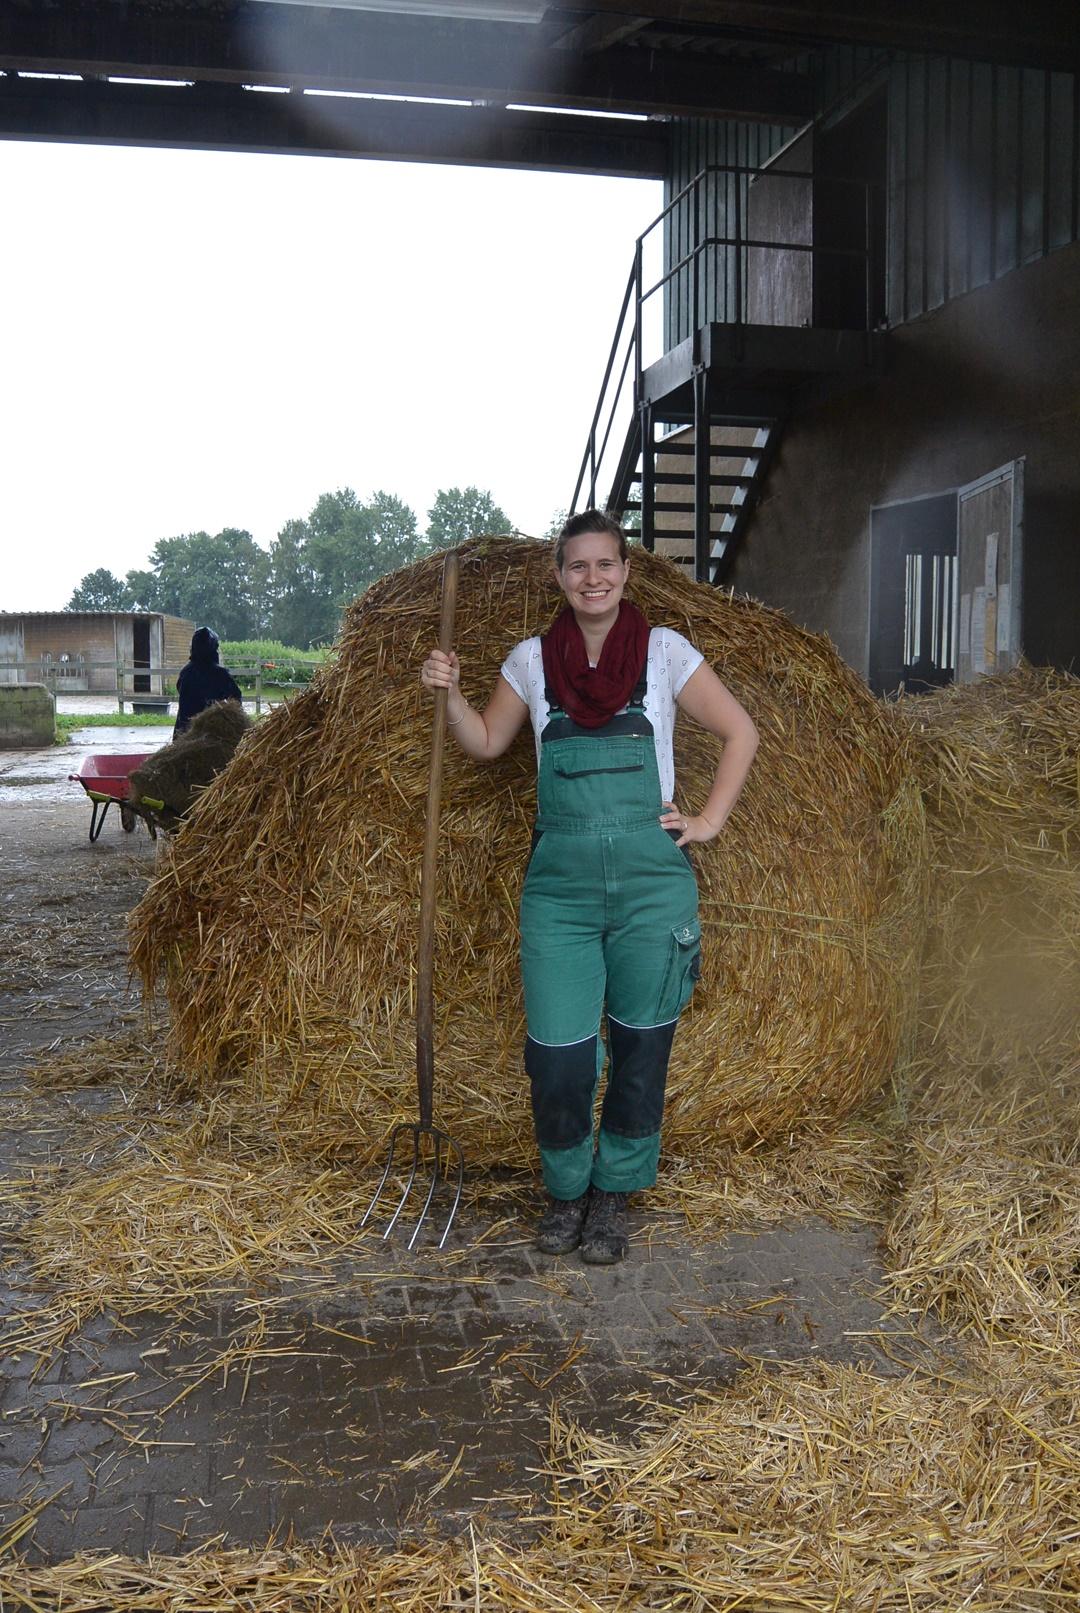 Hof Isenbüttel_Demeterhof_Biobauernhof_Der Hof_Bauernhof Alltag_Ein Tag auf dem Bauernhof_Annanikabu_Reiseblog (140)